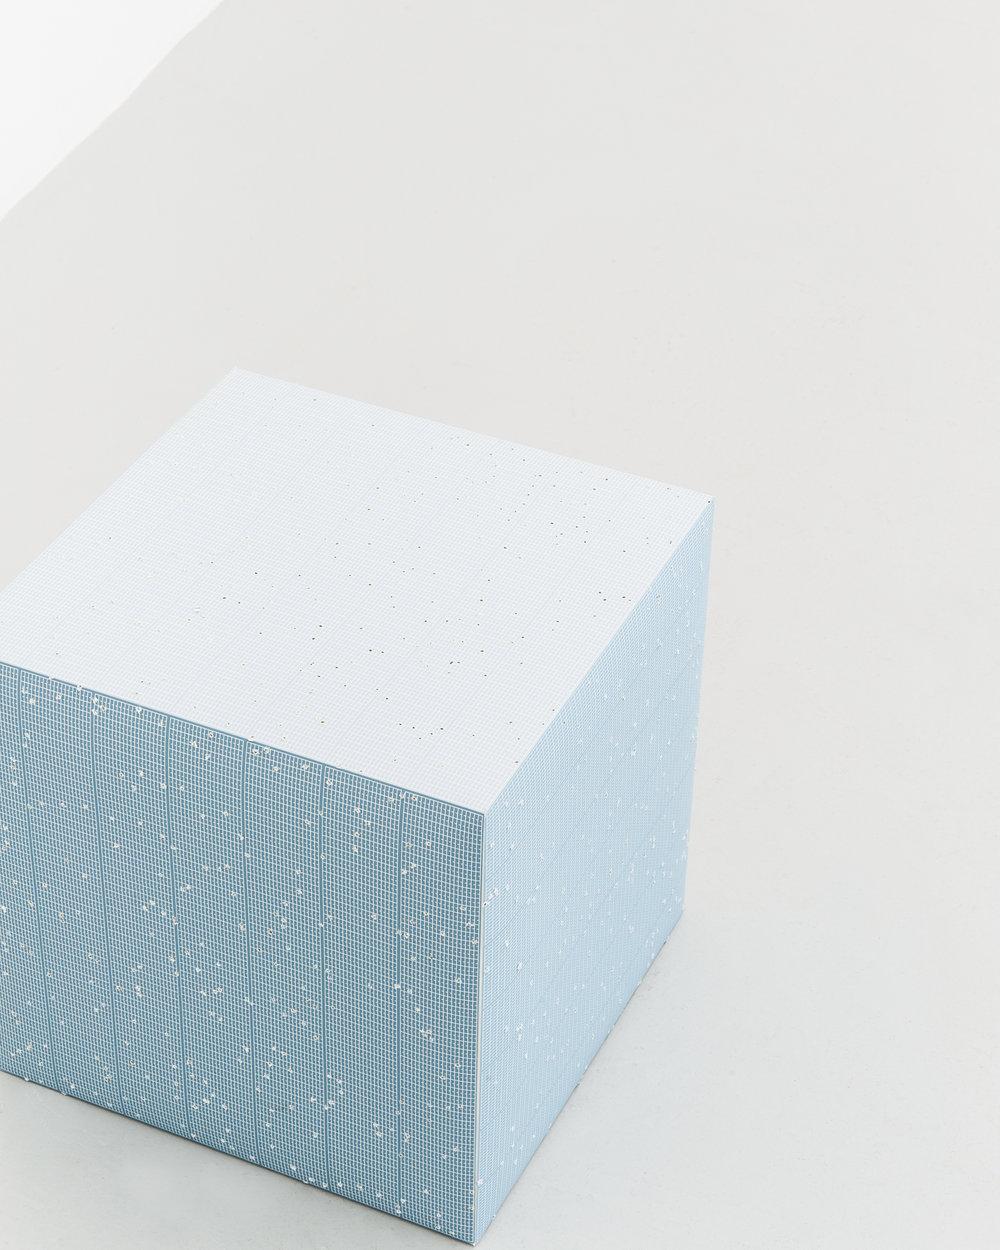 Shotgun Composition Cube by Etienne de Fleurieu, artwork